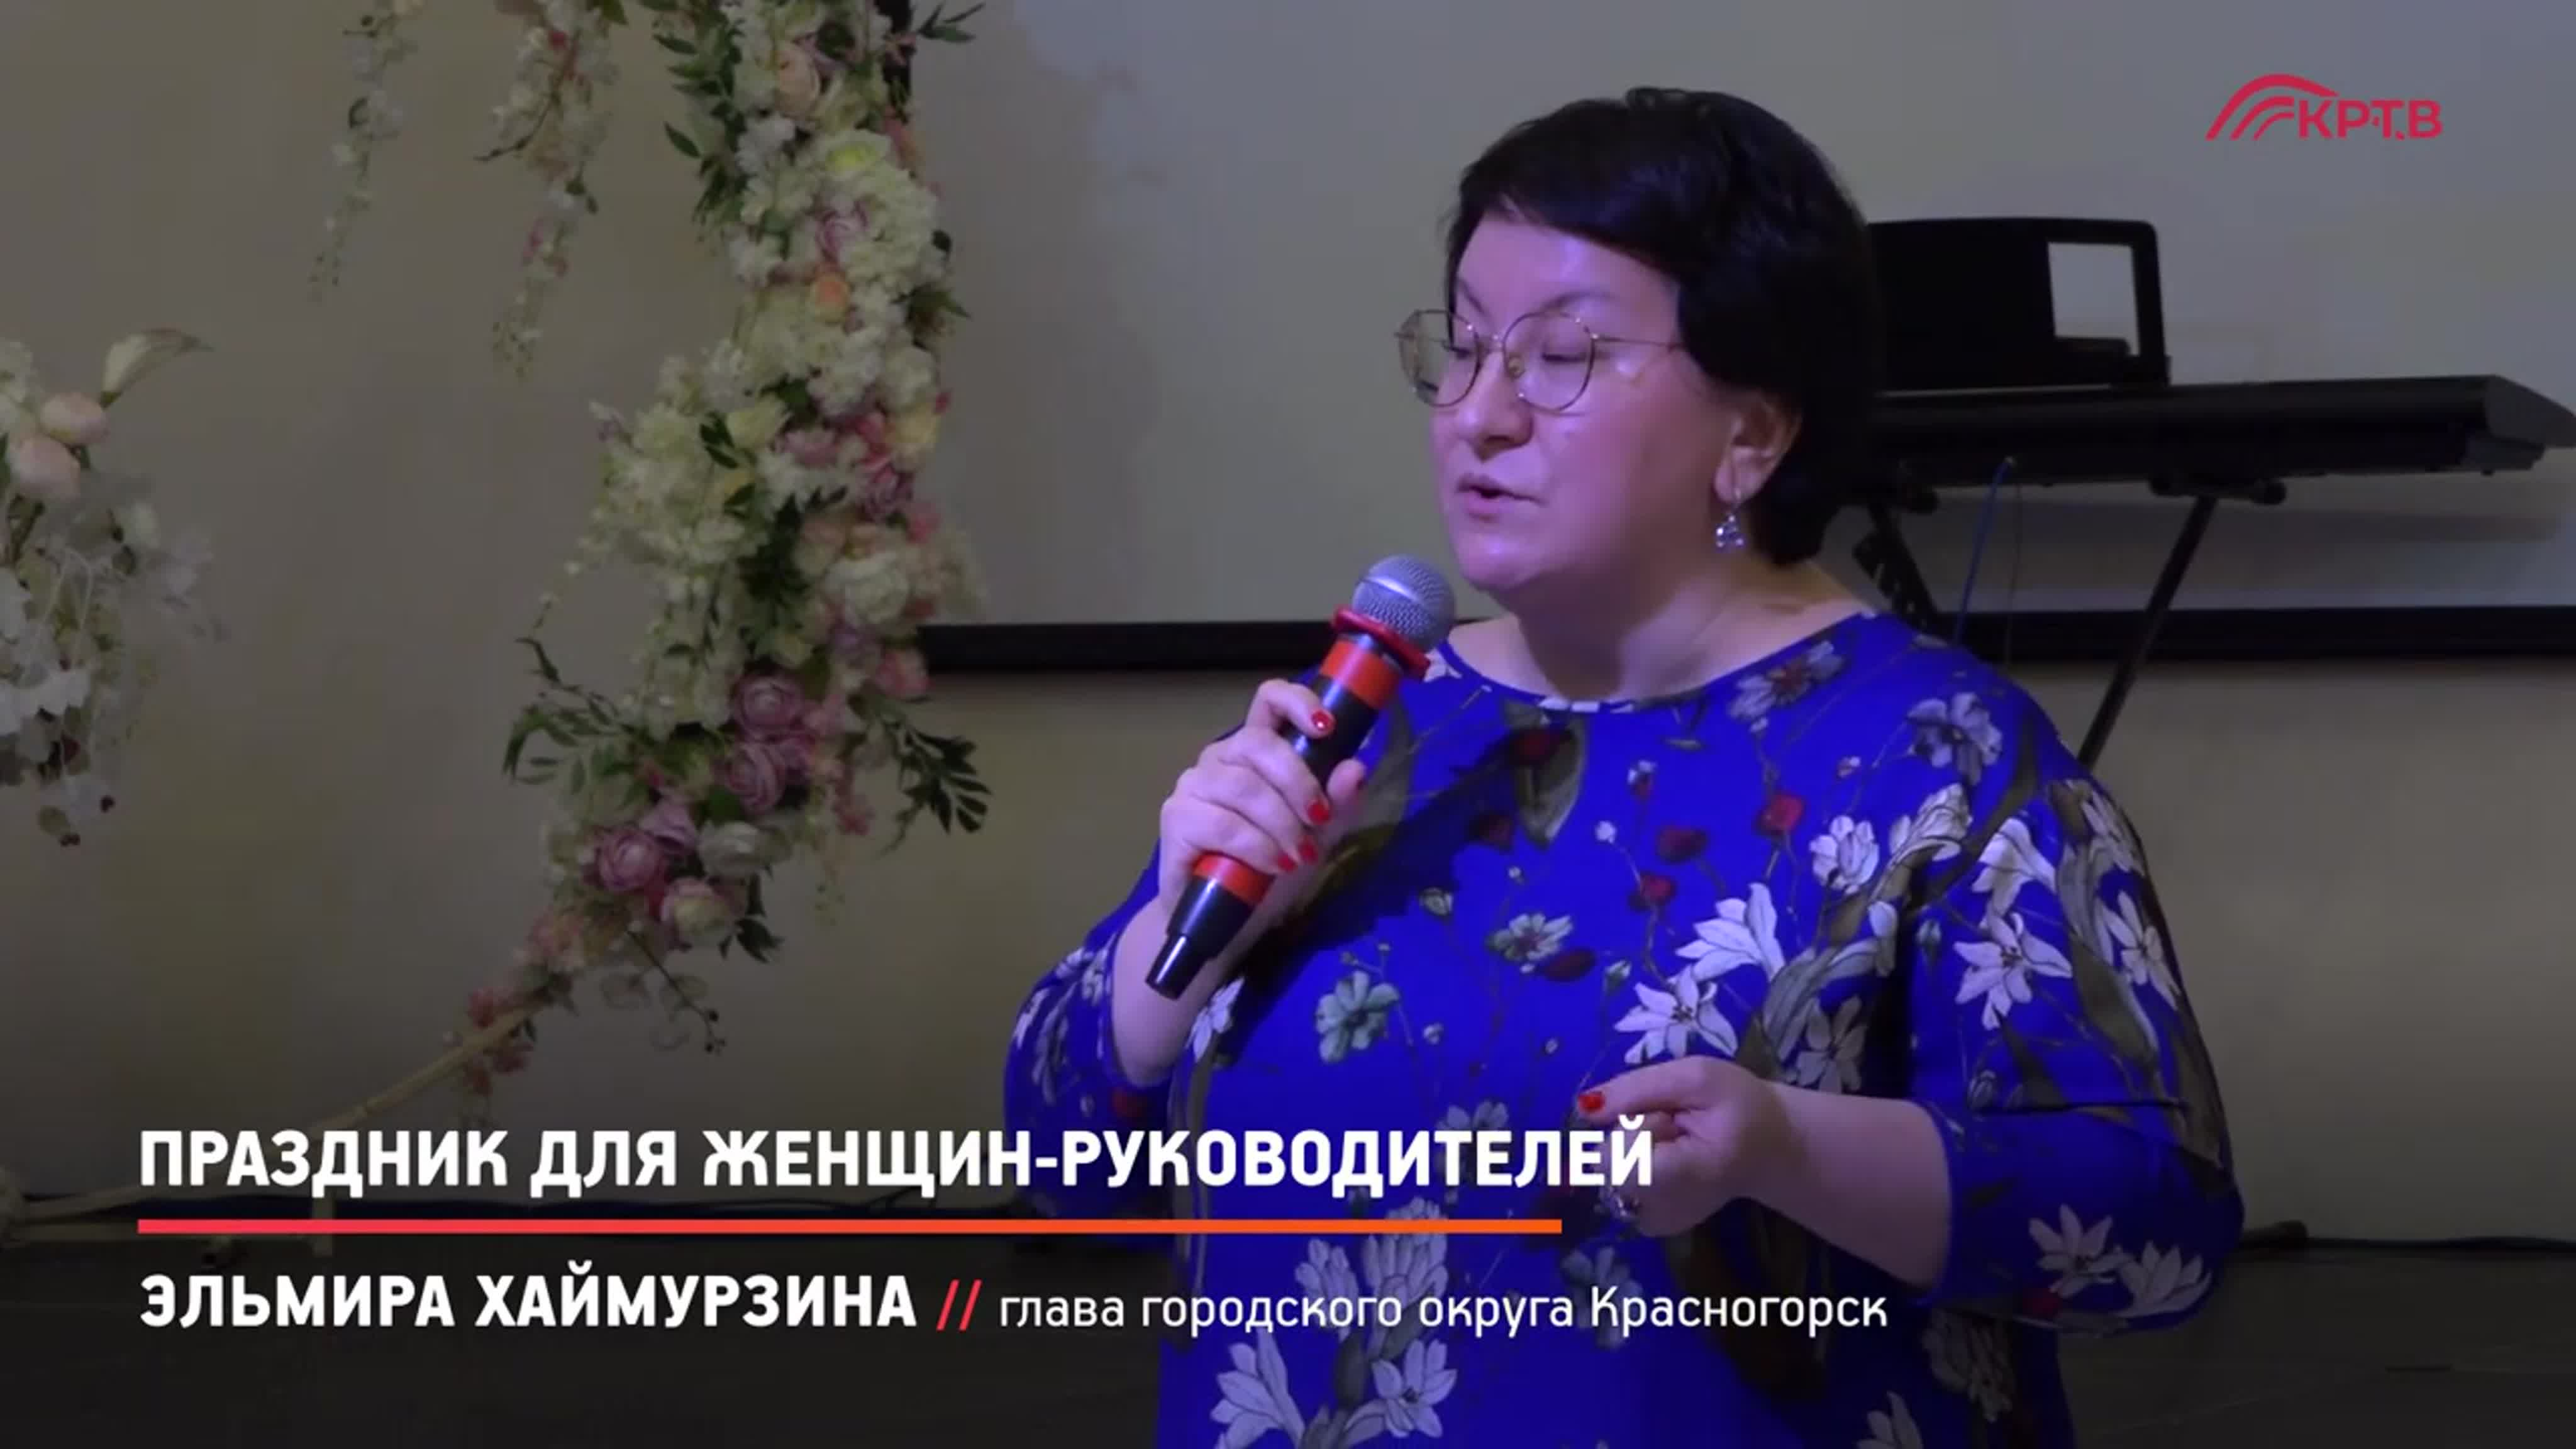 КР ТВ: Праздник для женщин-руководителей